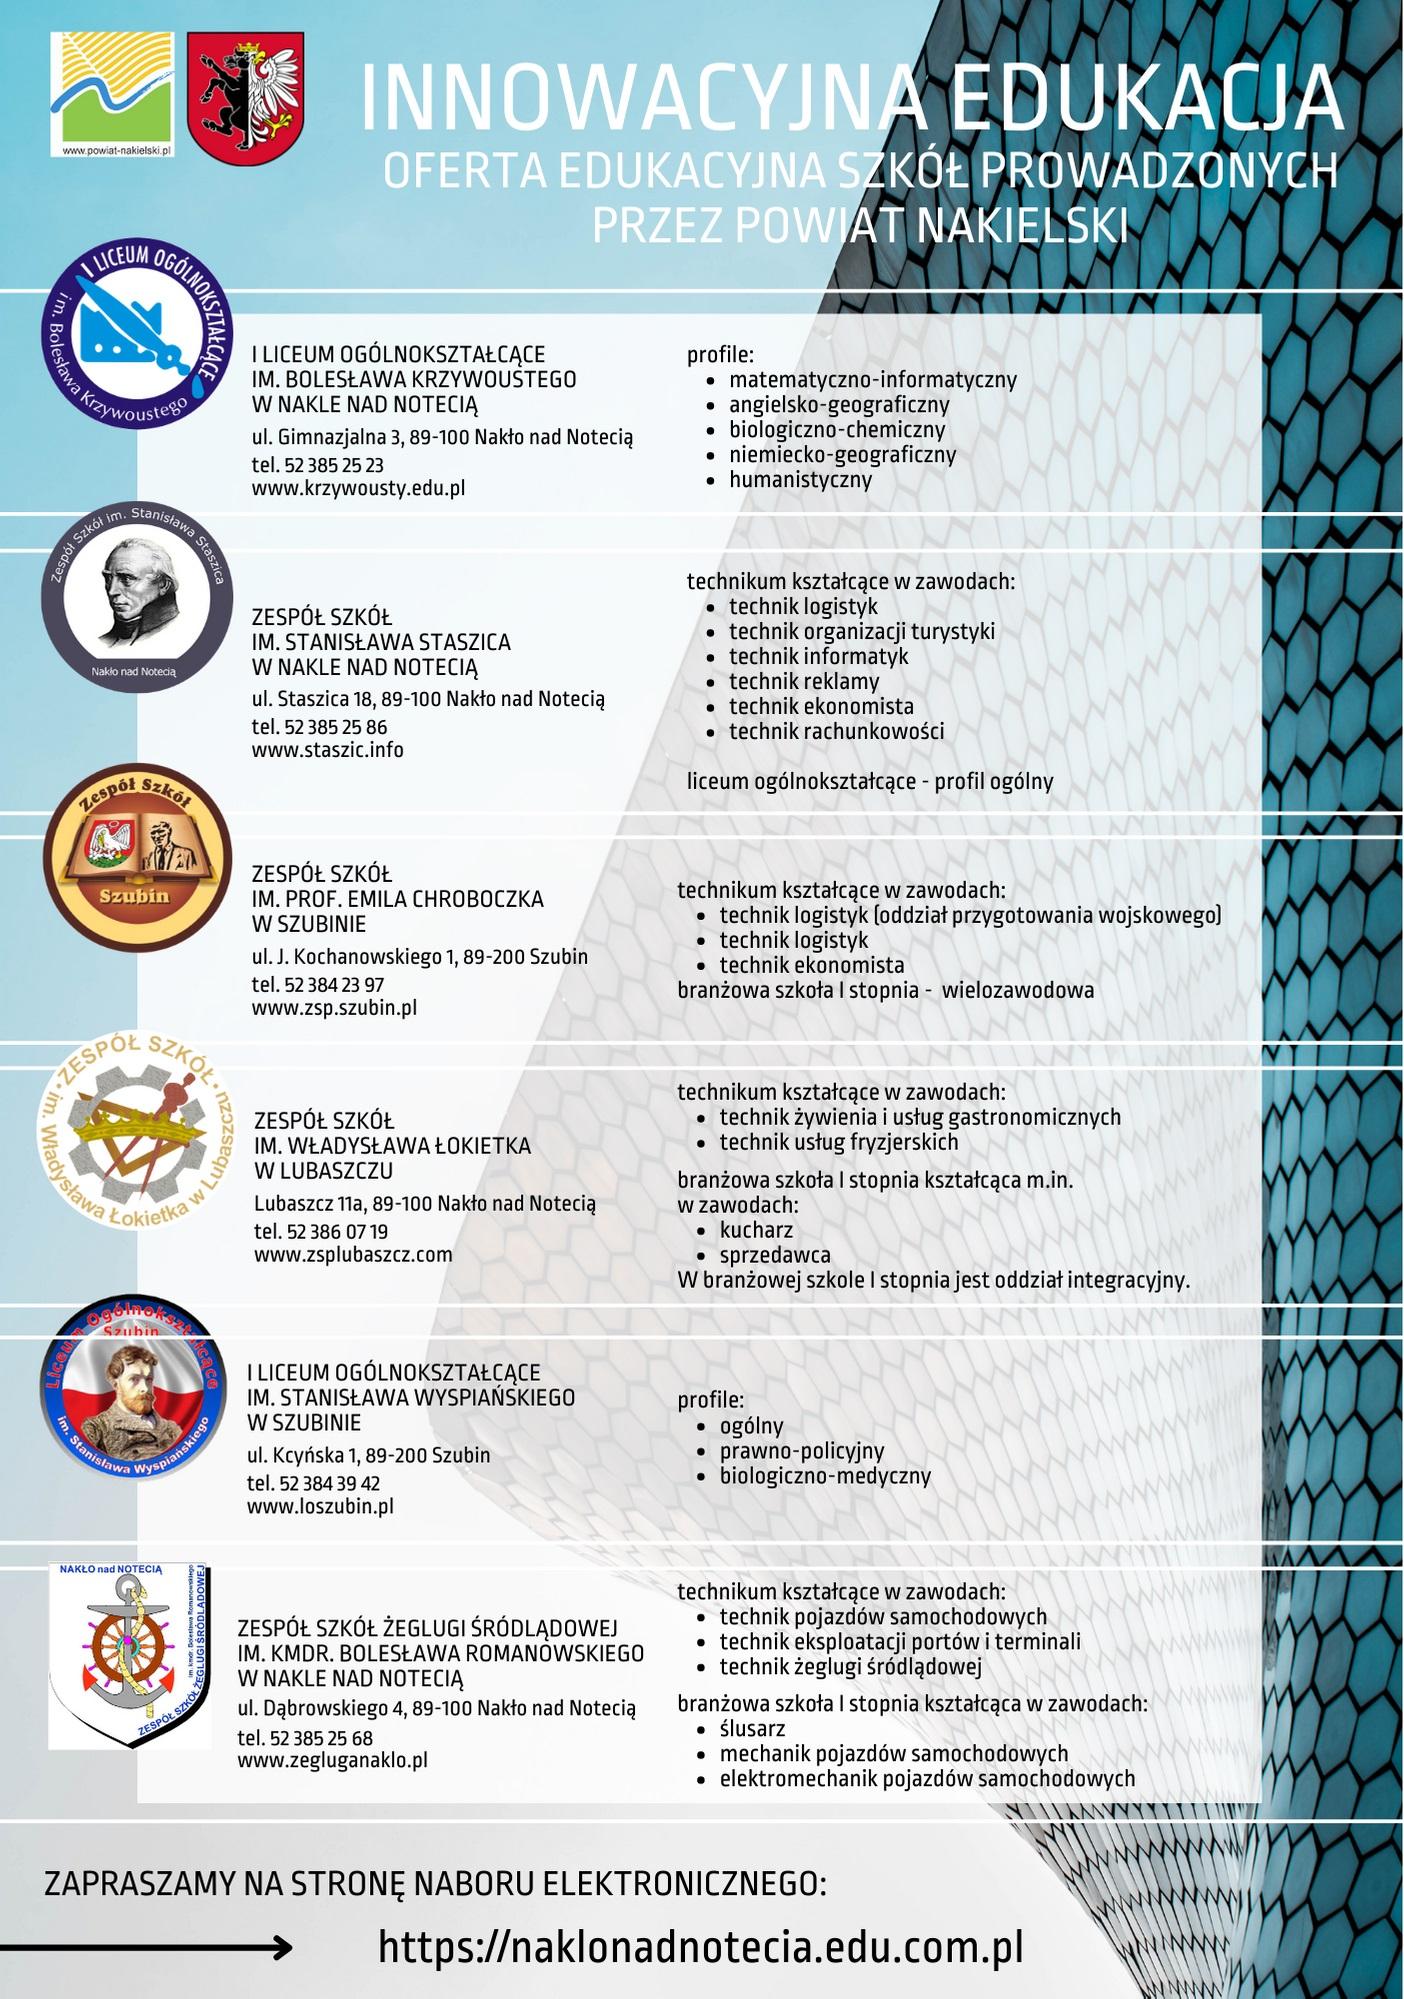 plakat z ofertą edukacyjną szkół ponadpodstawowych prowadzonych przez powiat nakielski